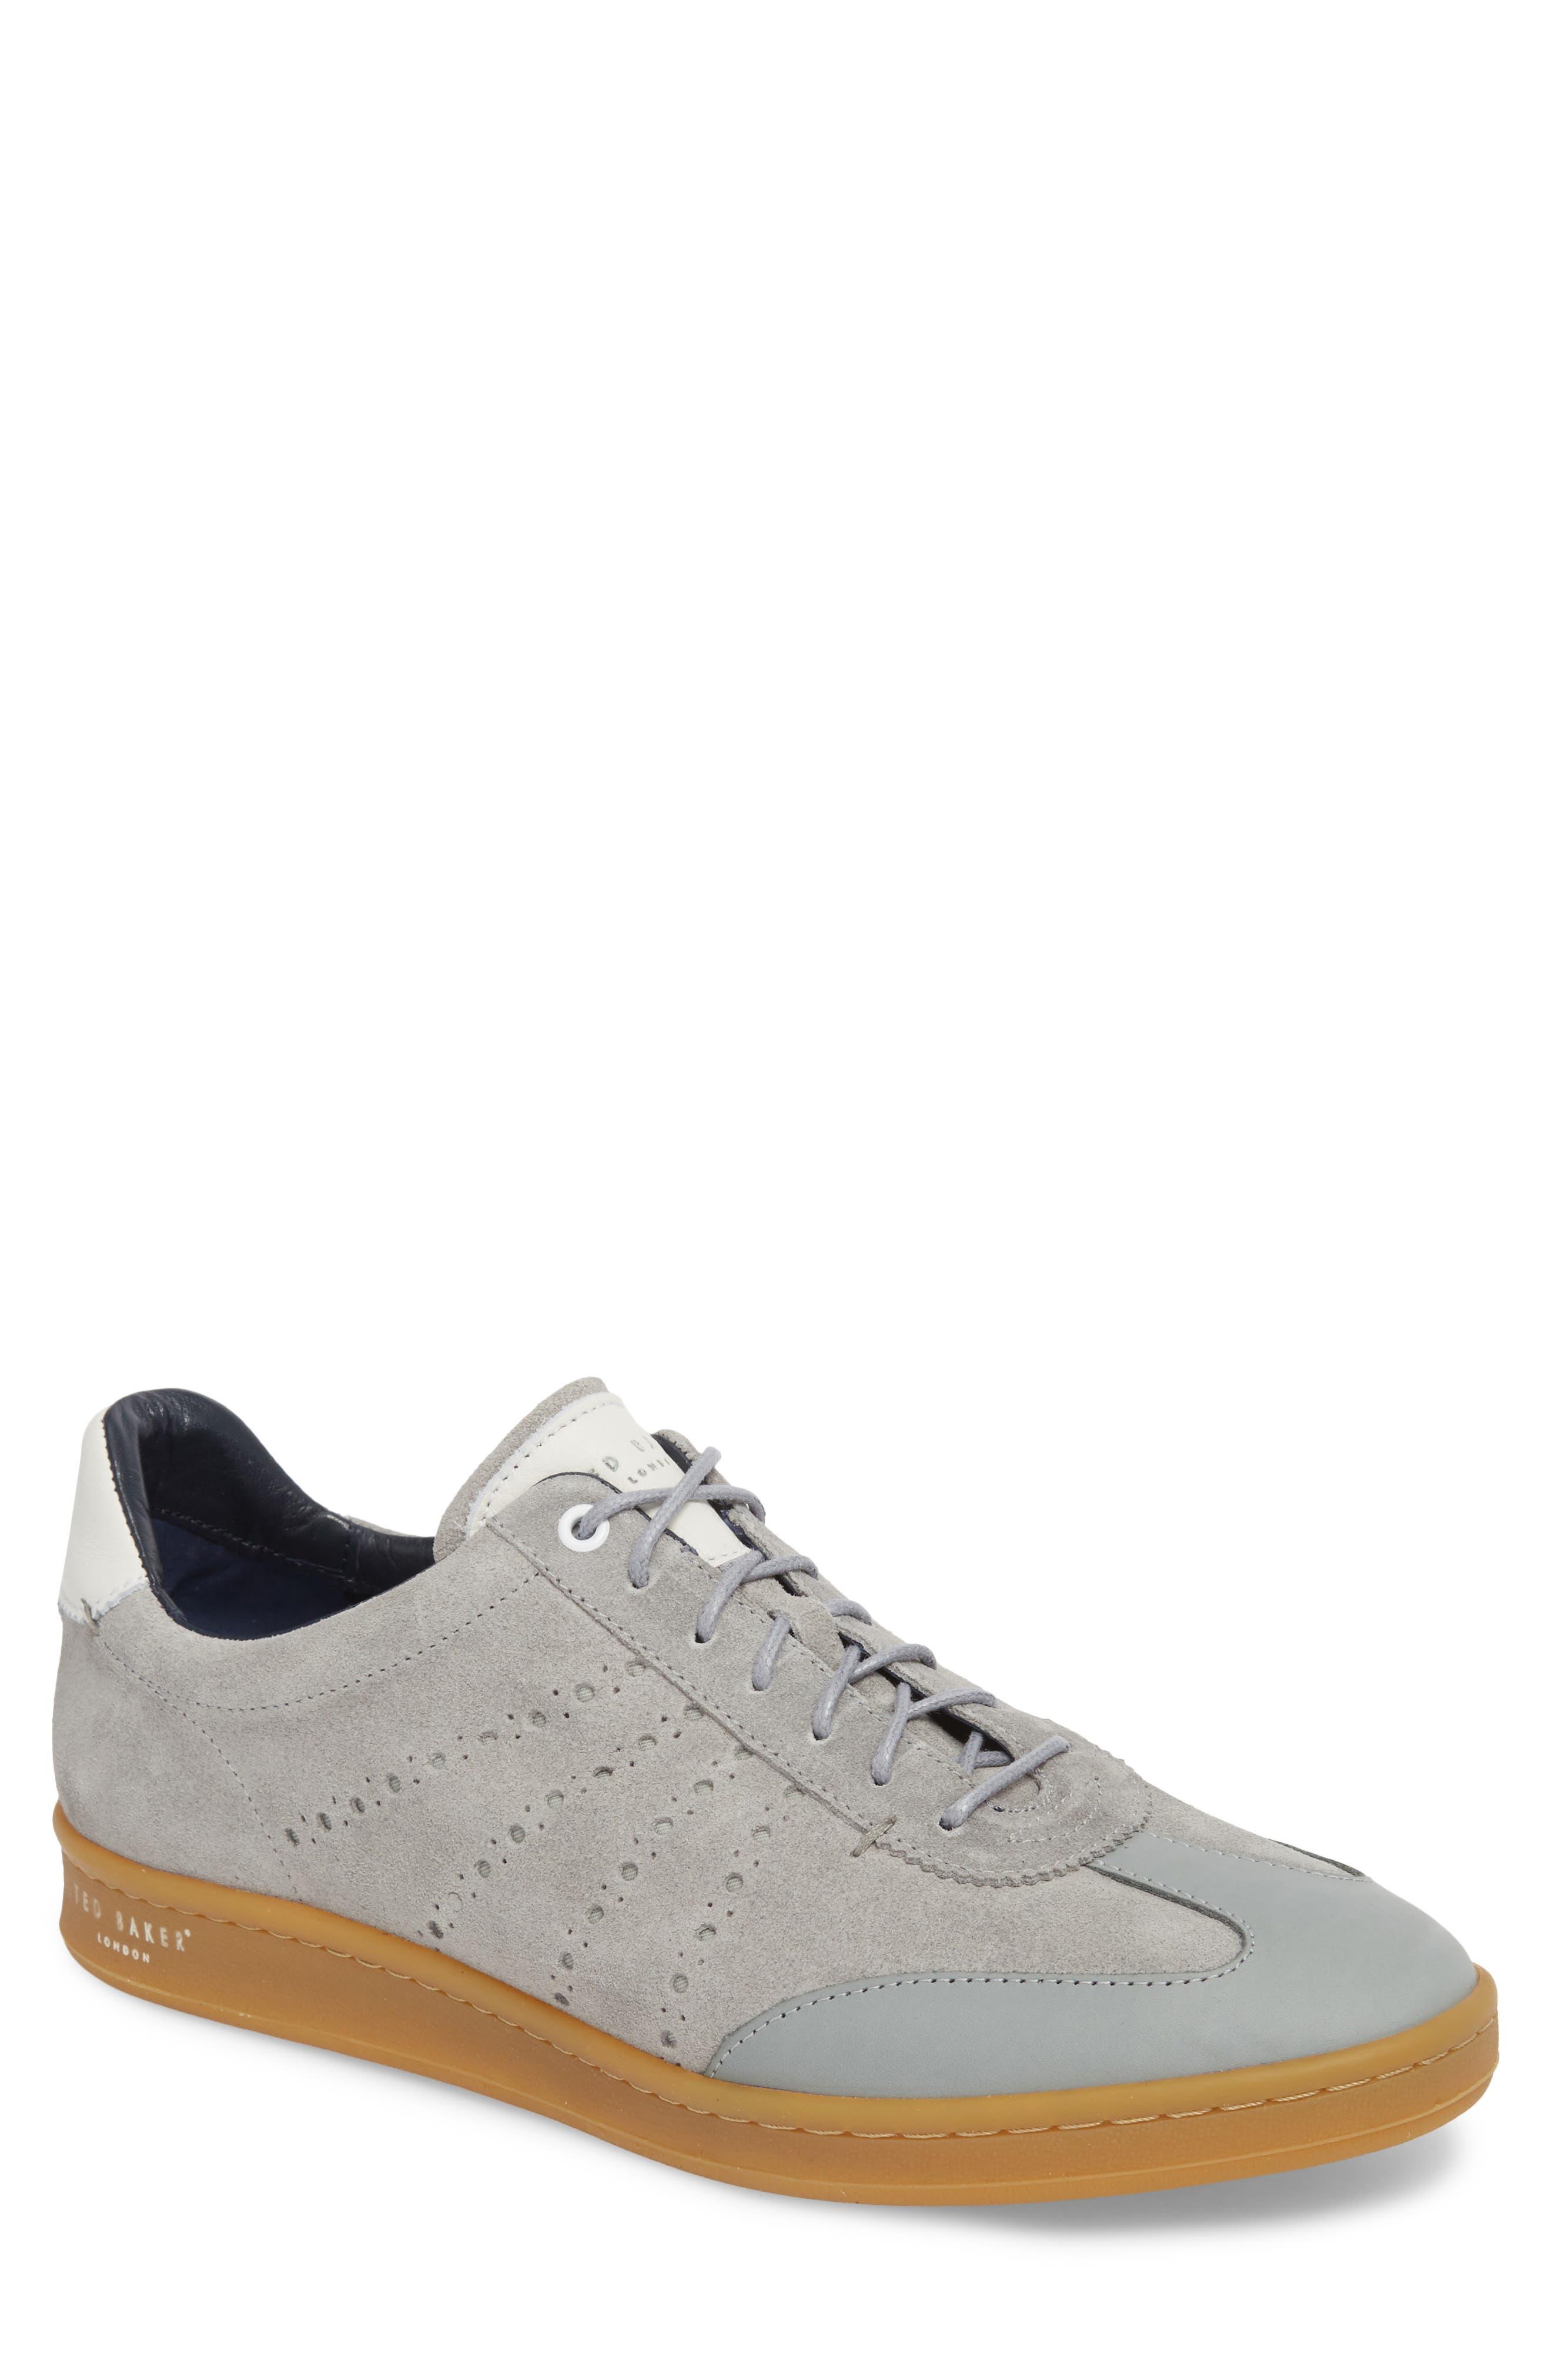 Orlees Low Top Sneaker,                             Main thumbnail 1, color,                             052